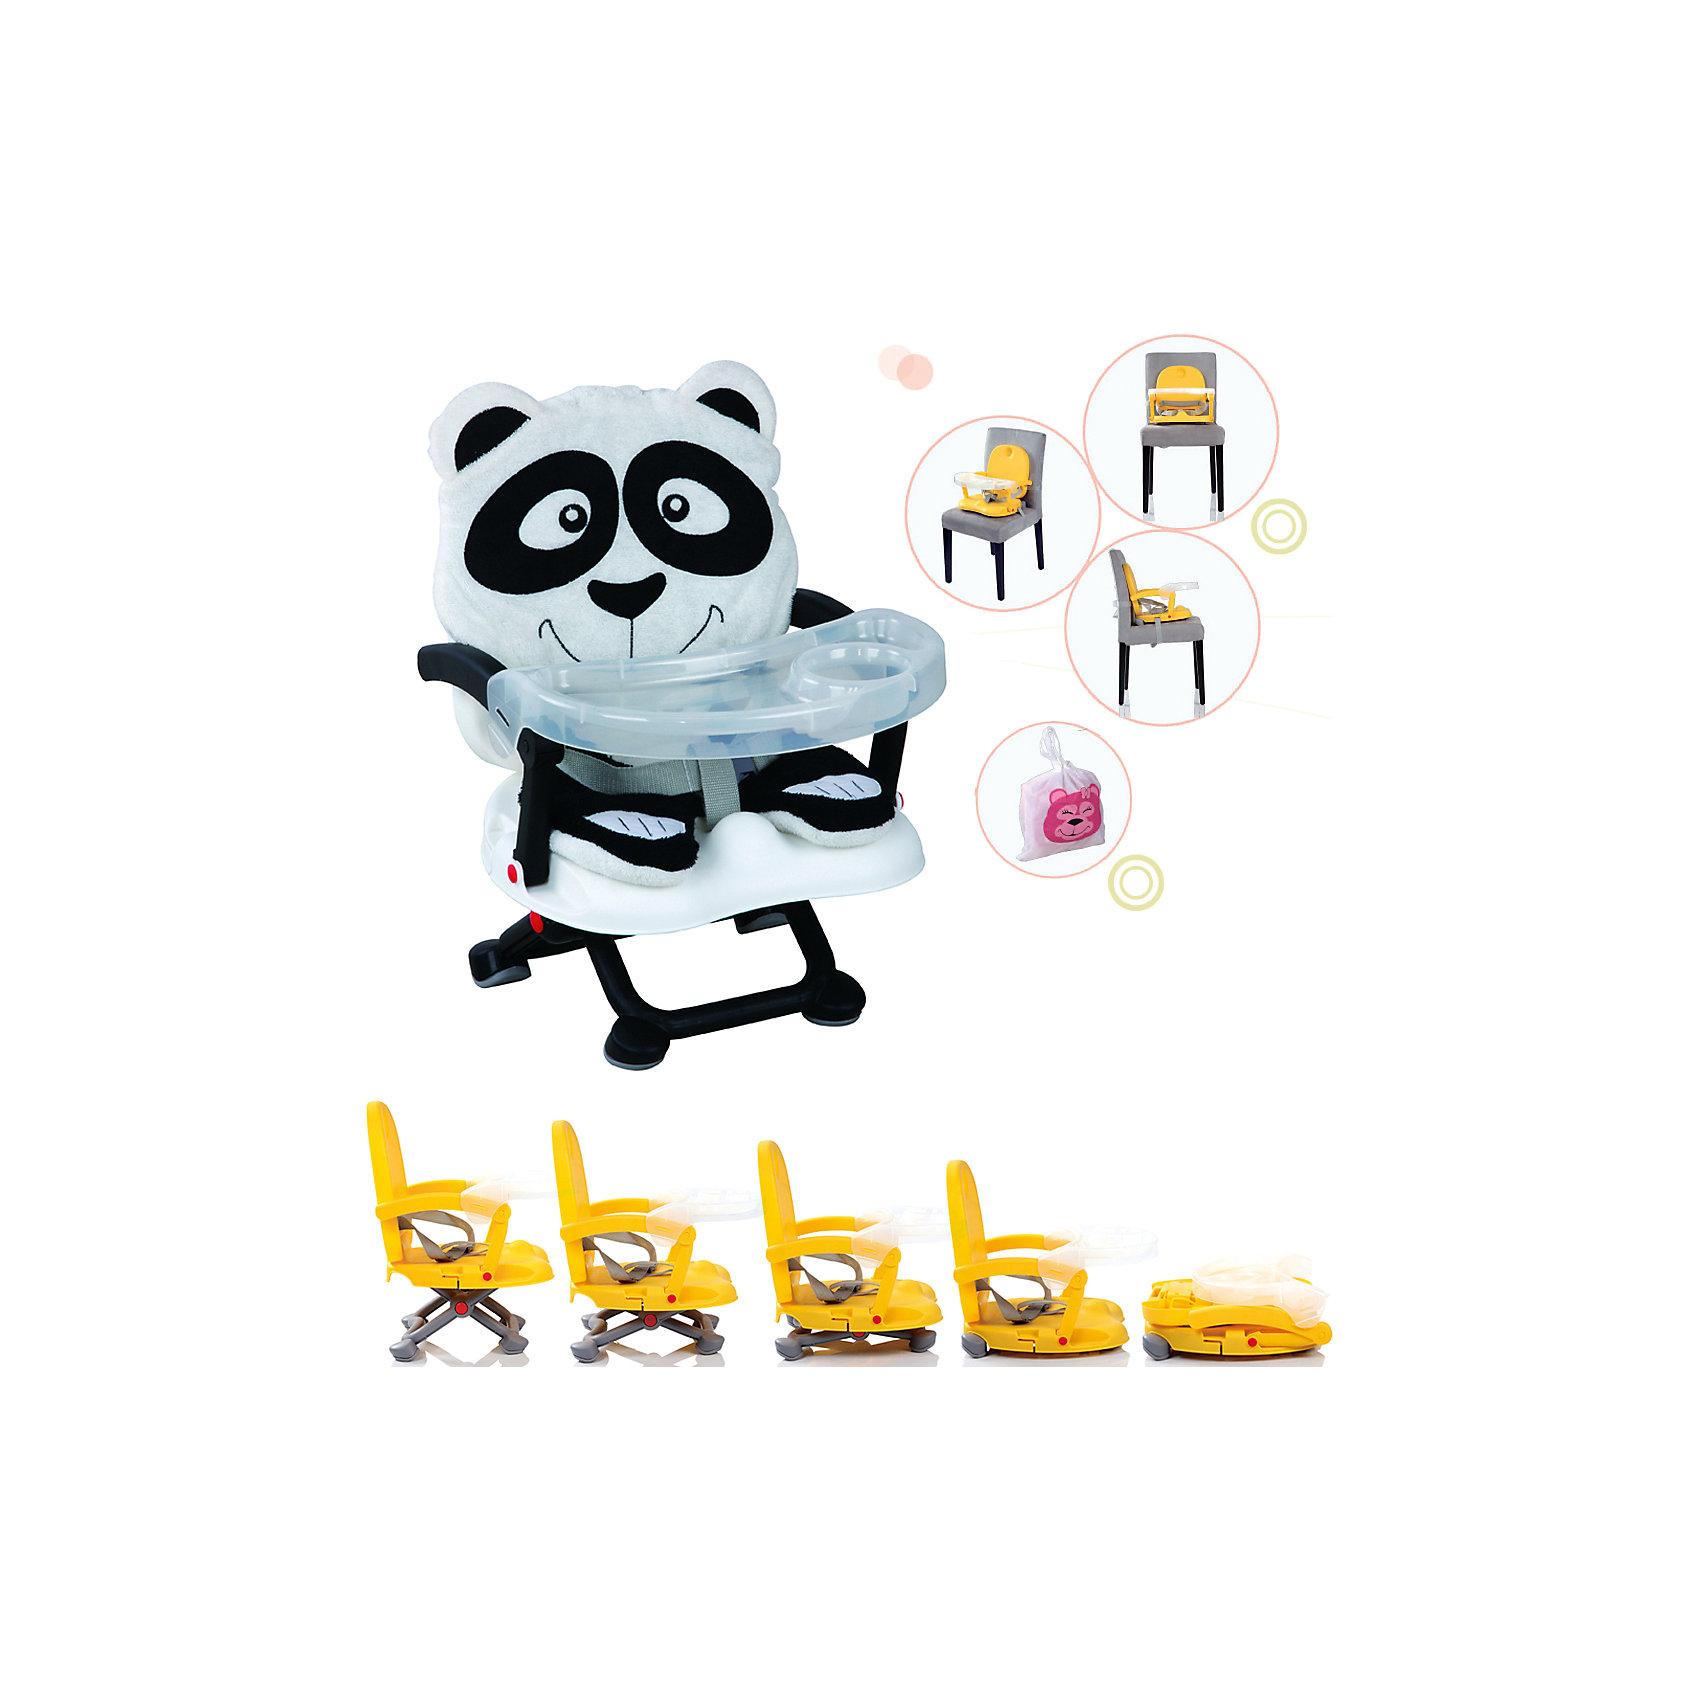 Стульчик для кормления H-1, Babies, Panda